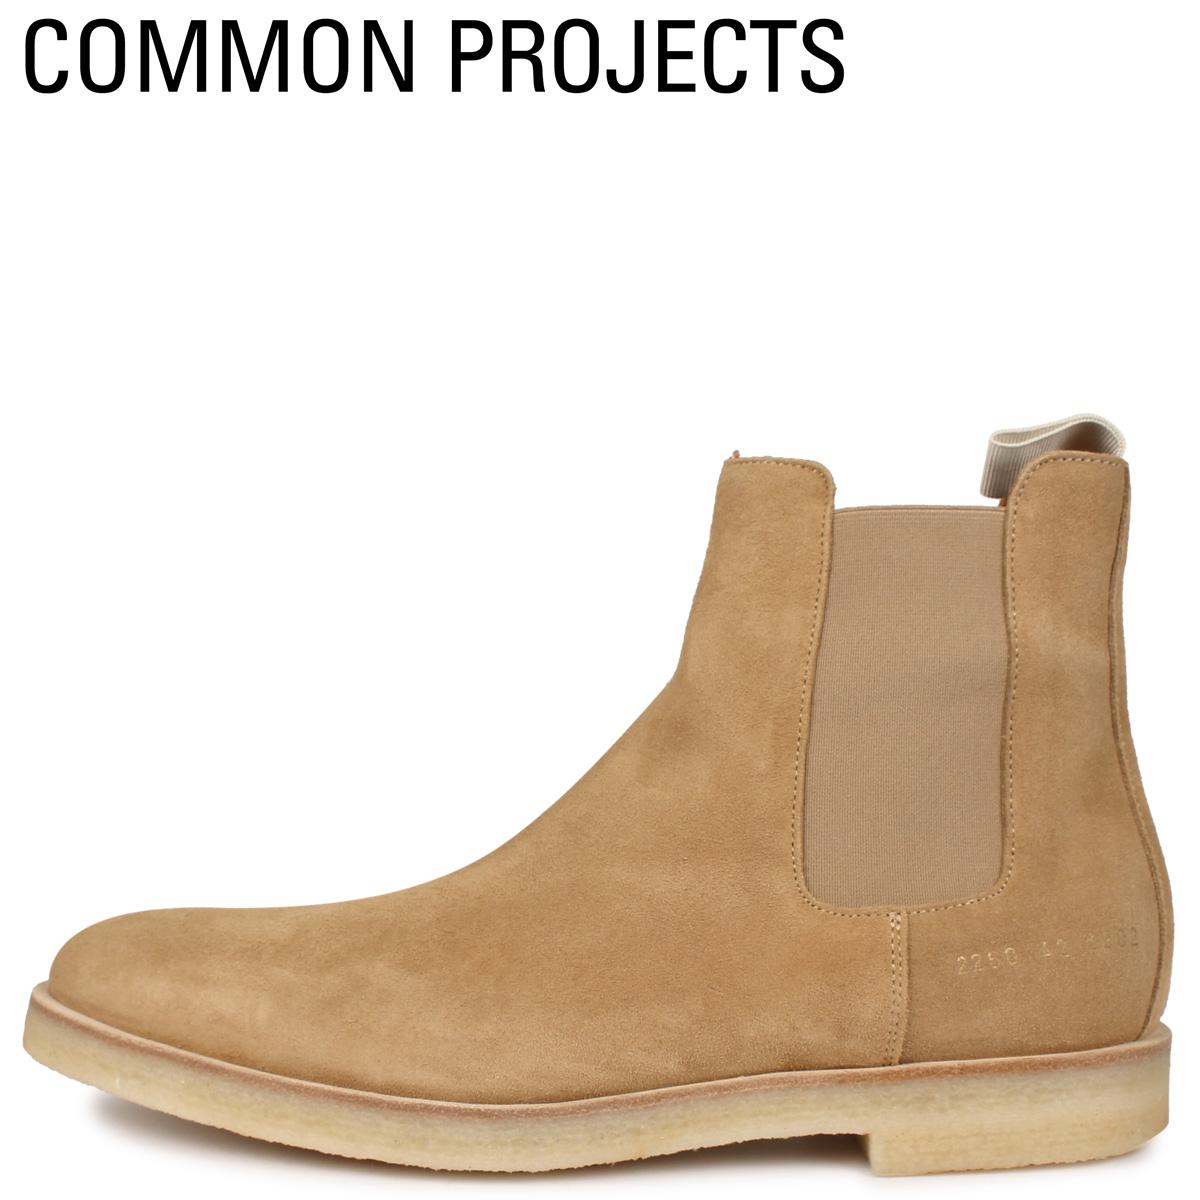 Common Projects コモンプロジェクト チェルシー ブーツ サイドゴアブーツ メンズ CHELSEA BOOT IN SUEDE ベージュ 2260-1302 [4/2新入荷]